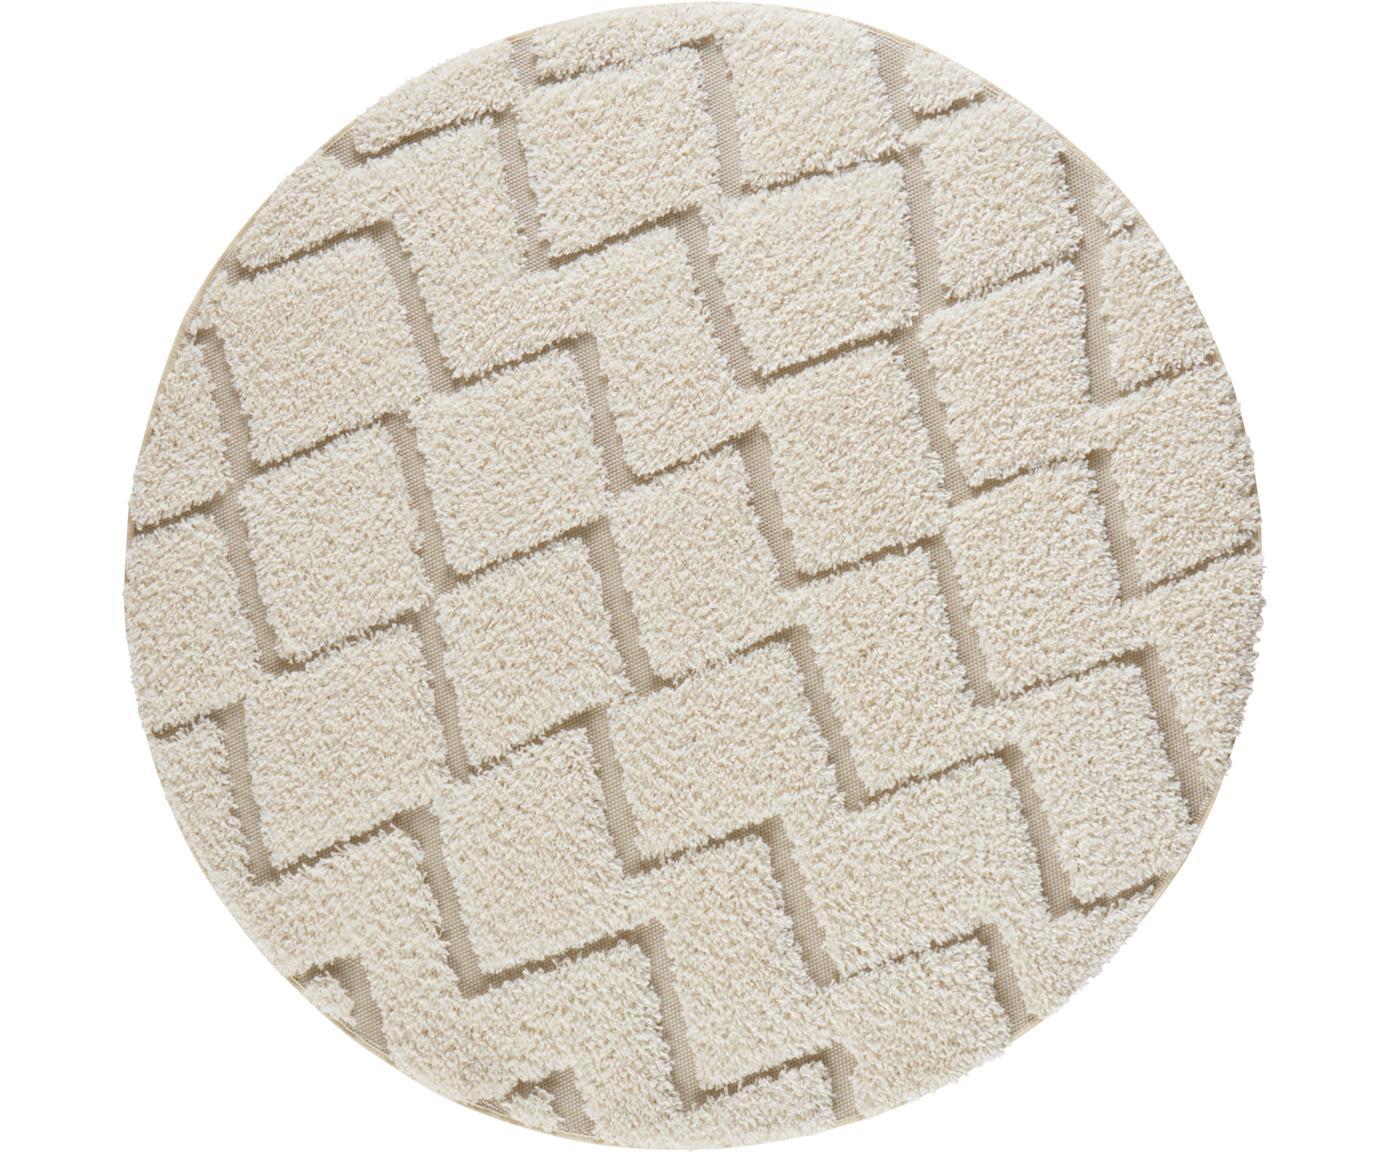 Runder In- & Outdoor-Teppich Dades mit Hoch-Tief-Effekt, Cremefarben, Beige, Ø 160 cm (Grösse L)